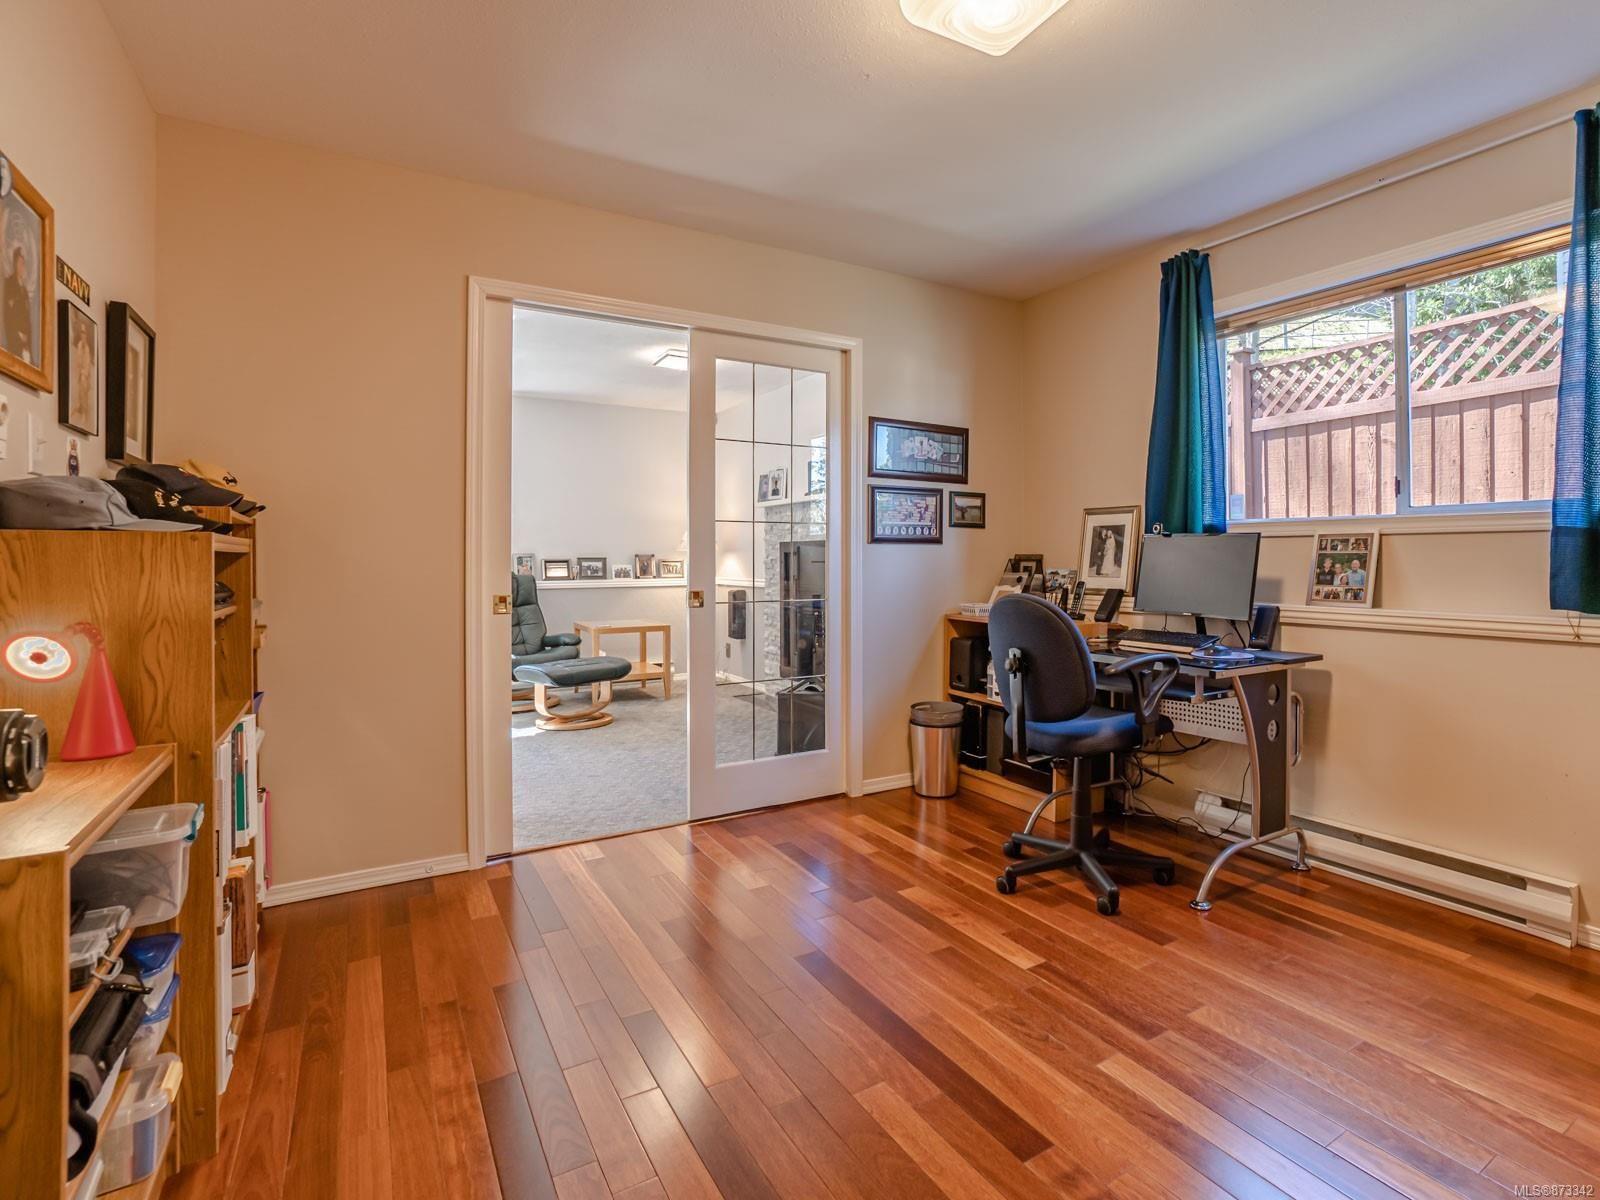 Photo 25: Photos: 5294 Catalina Dr in : Na North Nanaimo House for sale (Nanaimo)  : MLS®# 873342